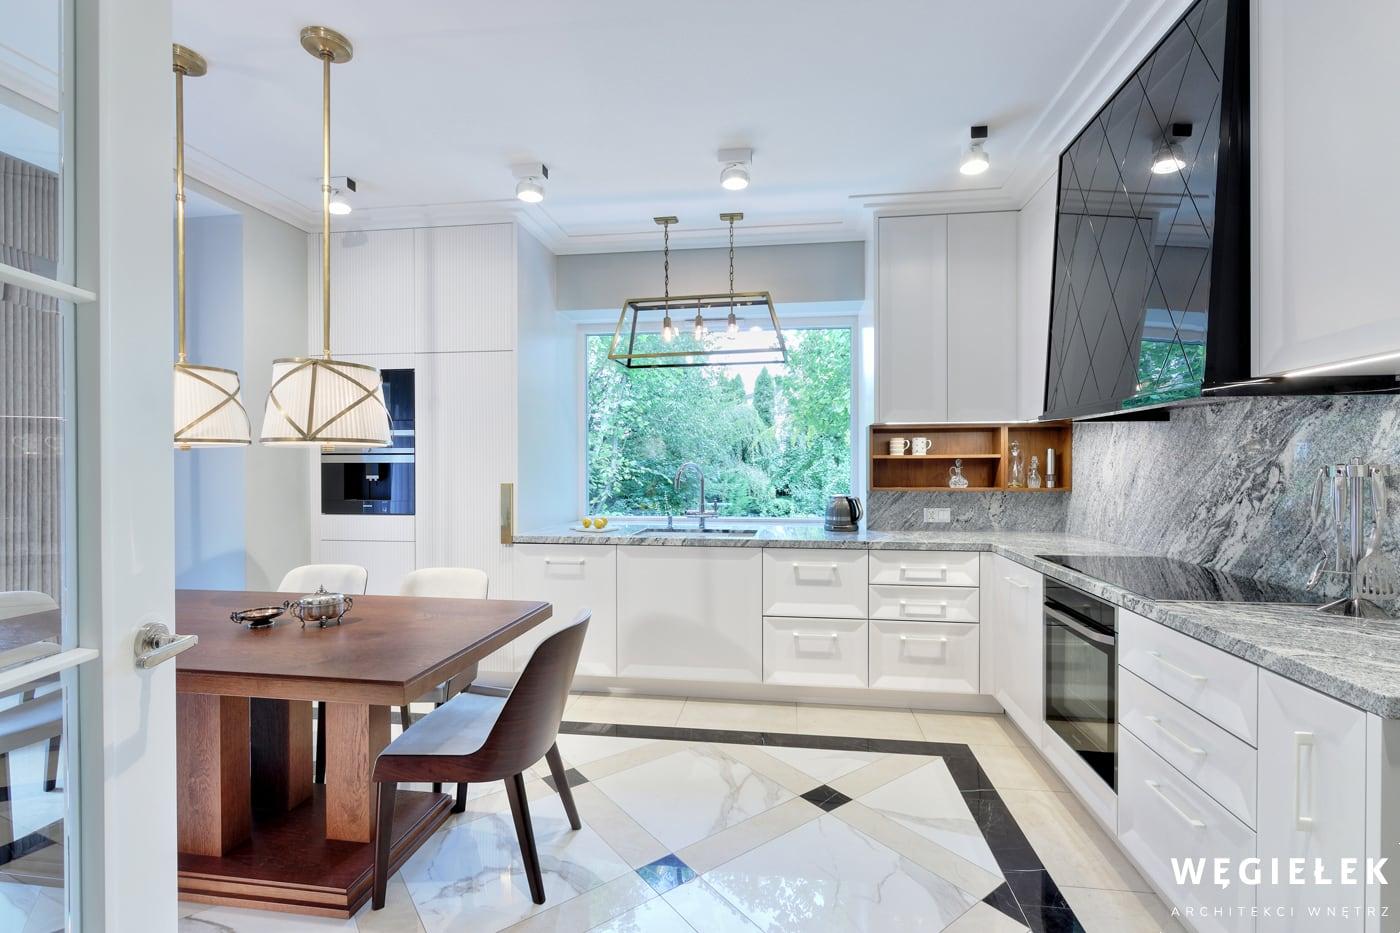 Klasyczna kuchnia domu w realizacji architekta z Warszawy ma w sobie niecodzienny urok, dzięki wykorzystaniu mebli w dawnym stylu oraz takich dodatków.